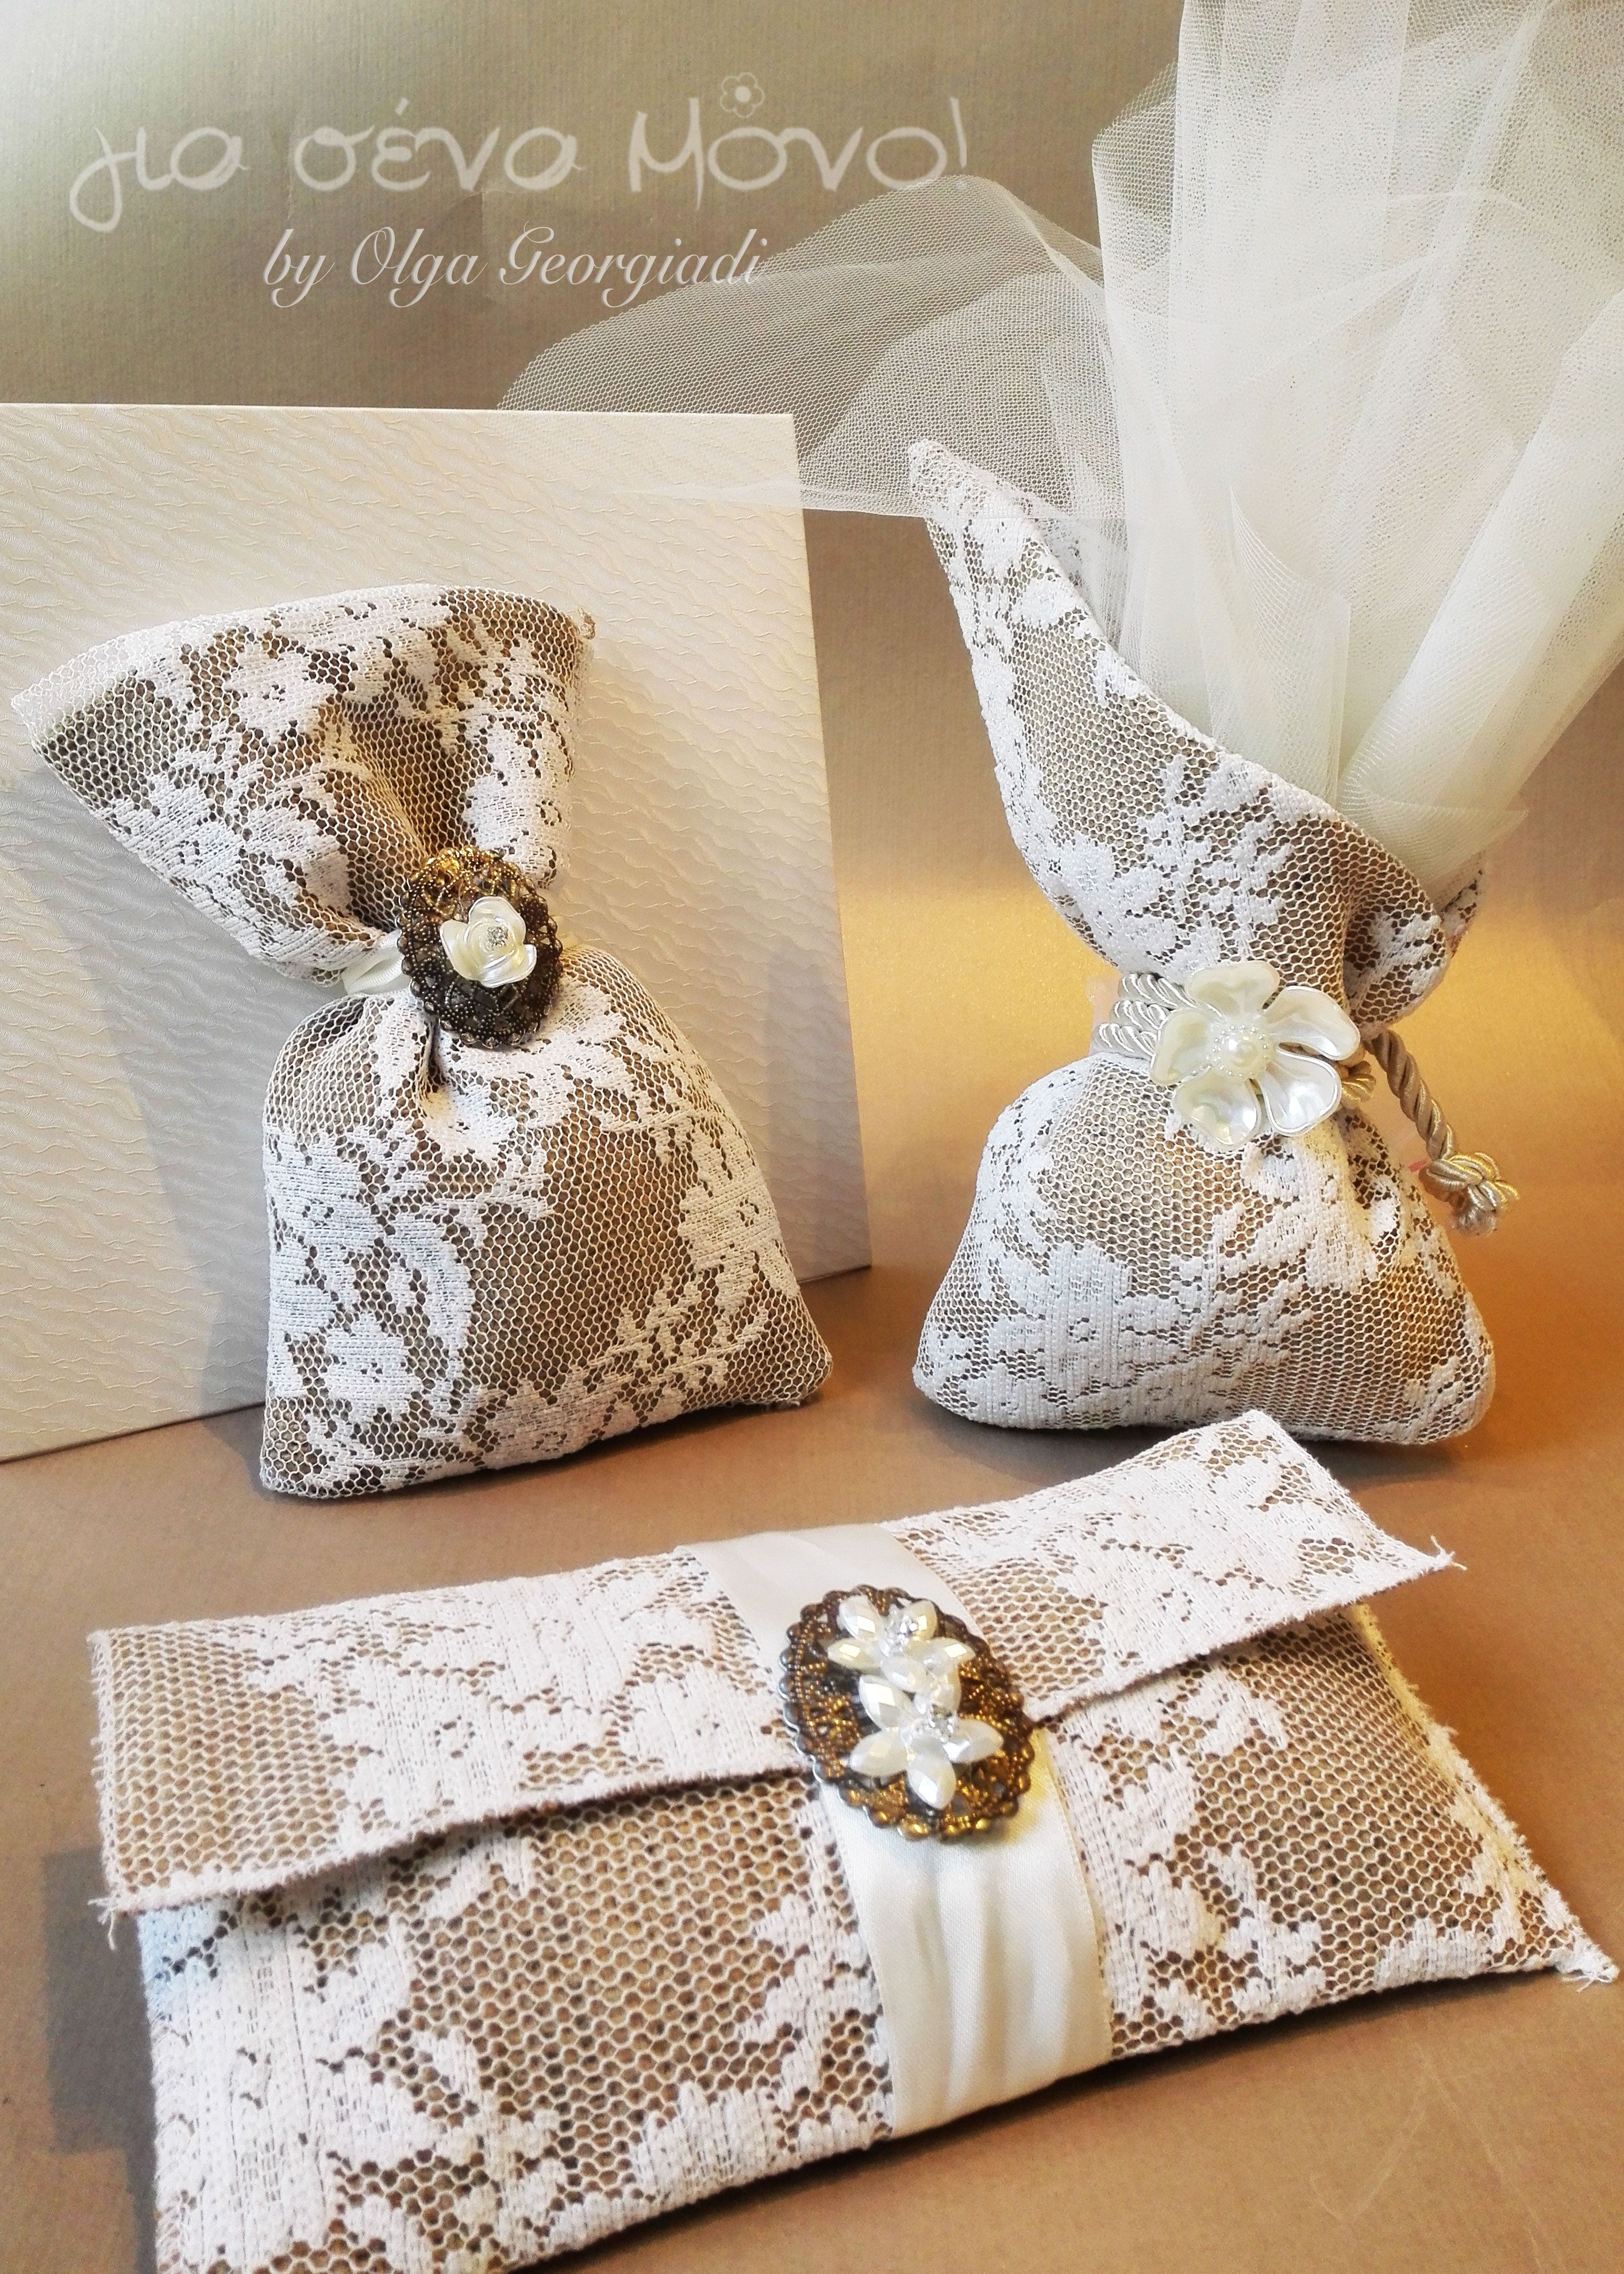 Lavender decor for wedding Pin by burka kayra on Davetiye şeker süsleme  Pinterest  Favors